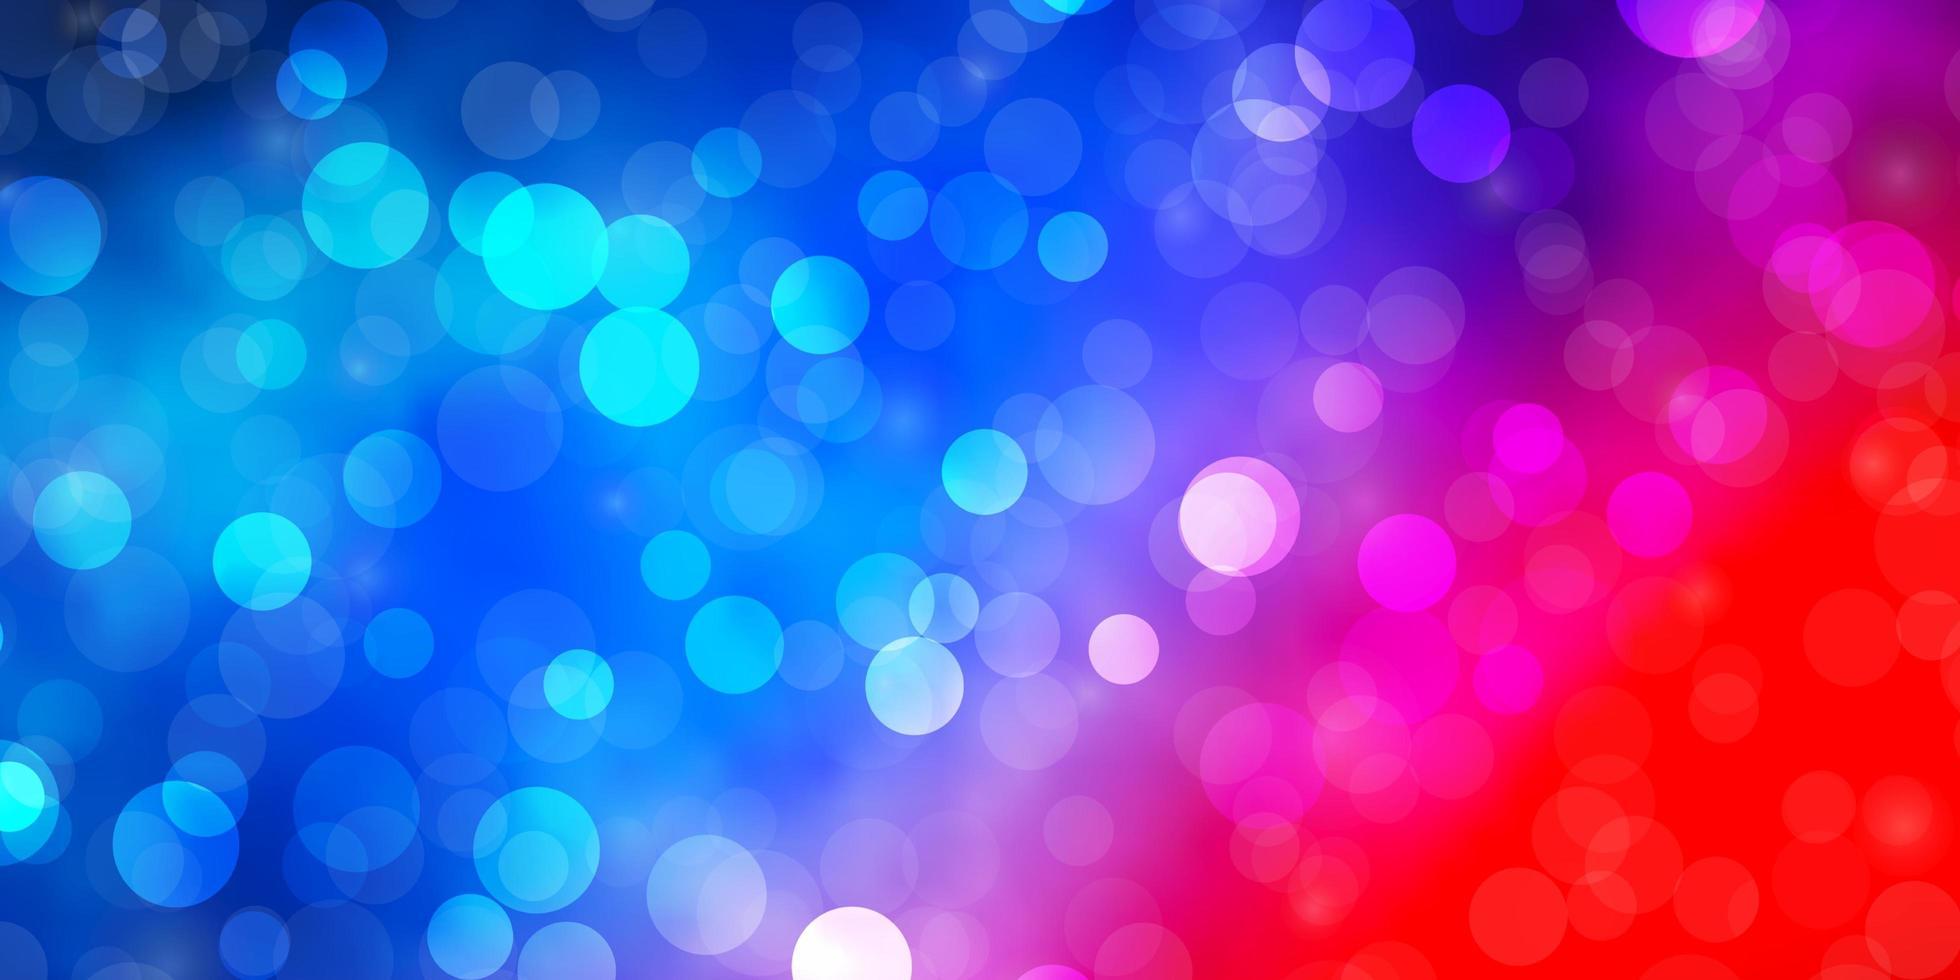 lichtblauwe, rode vectortextuur met cirkels. vector